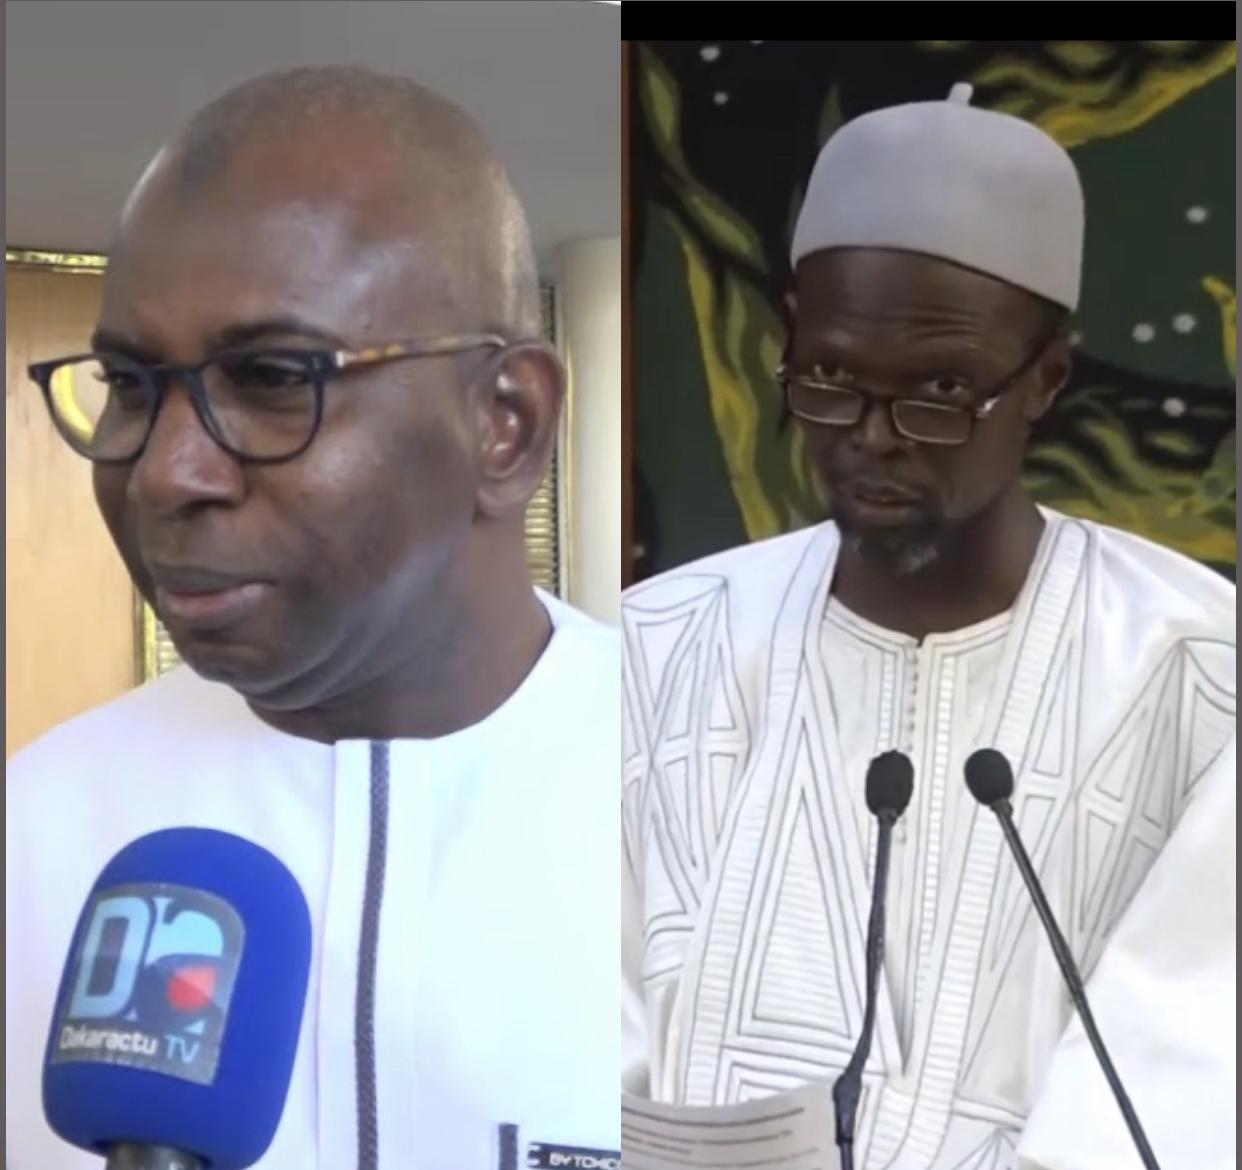 Affaire Ousmane Sonko / Commission Ad hoc : Le pôle de l'opposition représenté par Moustapha Guirassy et Serigne Cheikh Mbacké Bara Dolly.